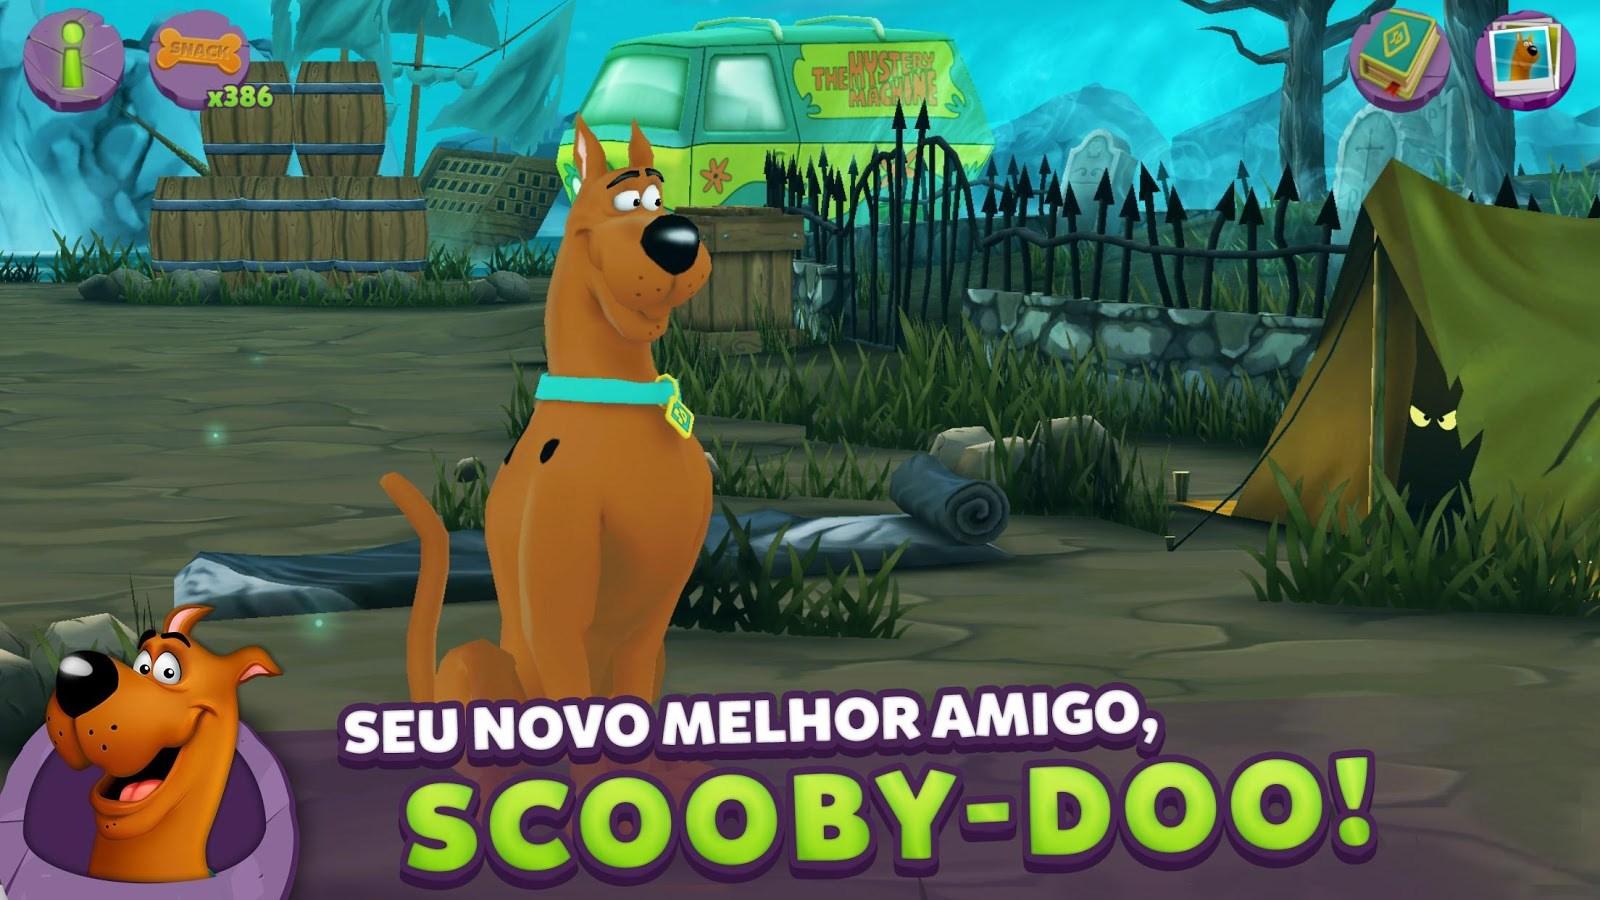 My Friend Scooby-Doo! - Imagem 1 do software